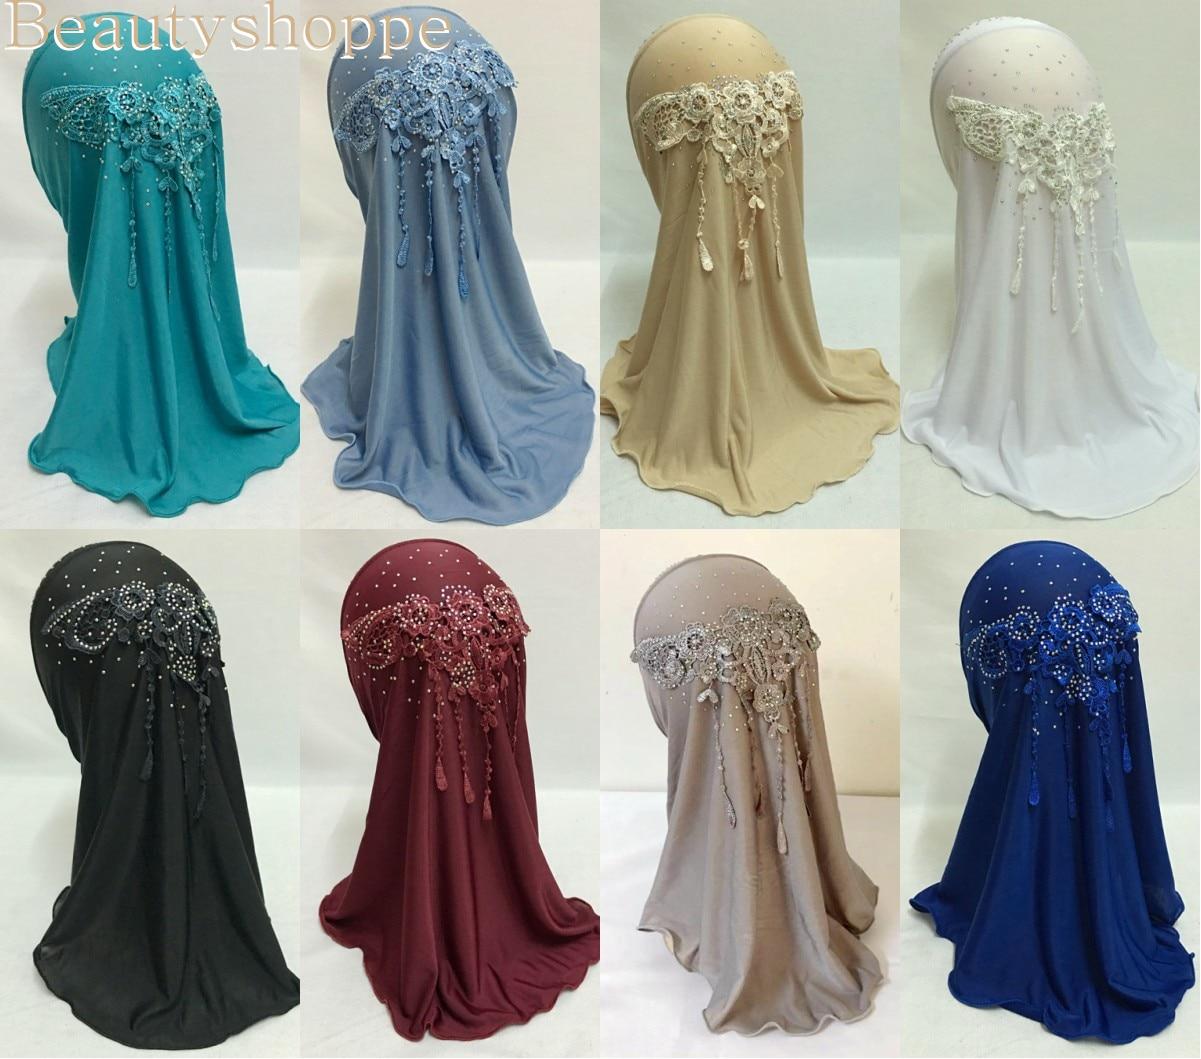 Красивые мусульманские кисточки для девочек, яркий хиджаб, исламский шарф, шали с красивой бусиной для девочек от 3 до 8 лет